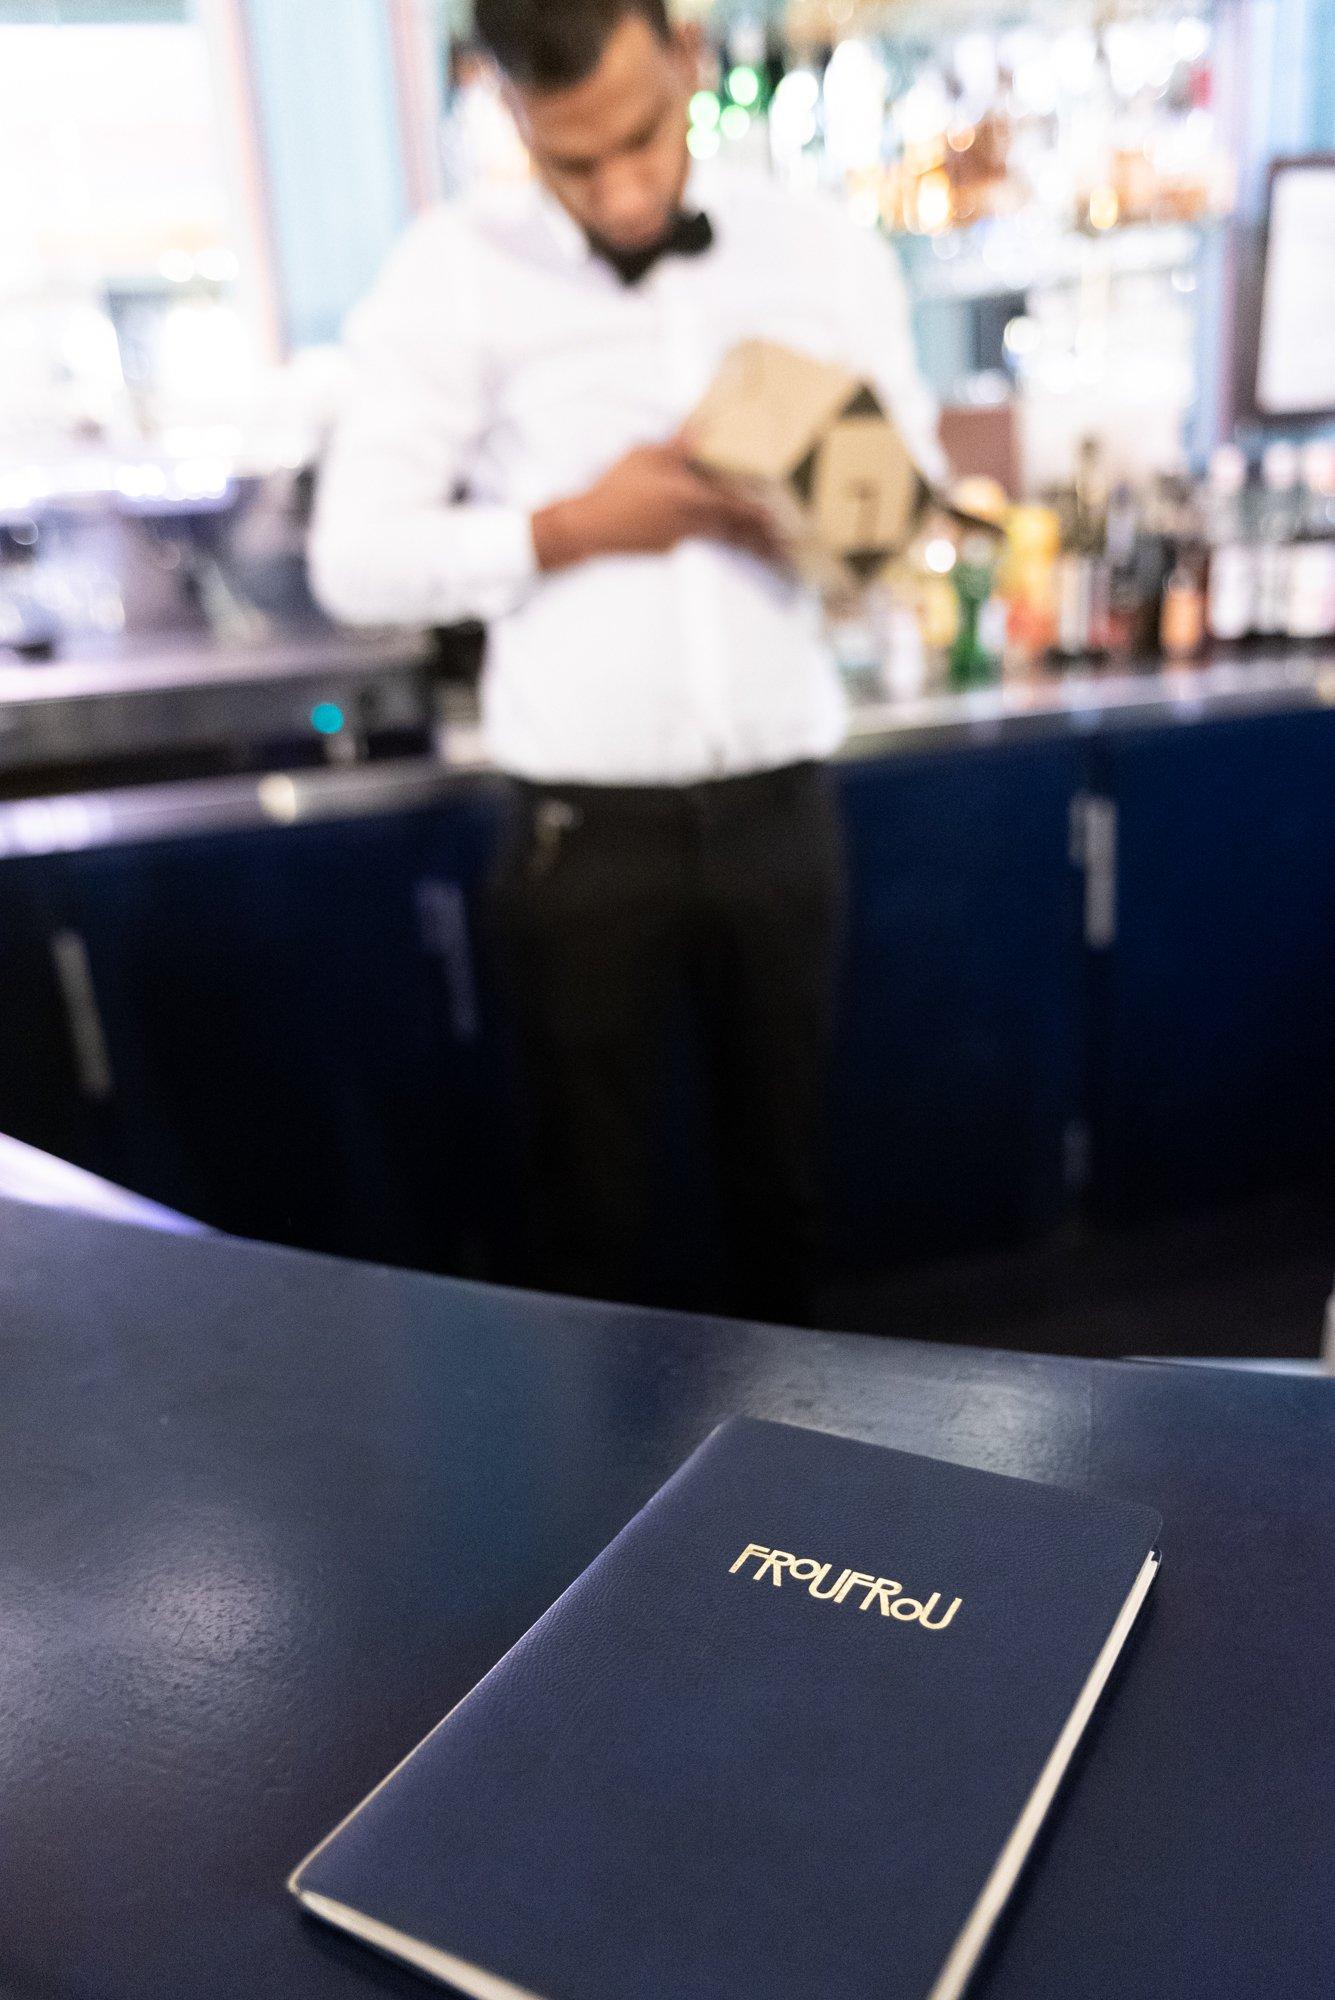 Bar Froufrou Restaurant Paris Théâtre Édouard VII Alexis Mabille Juan Arbelaez